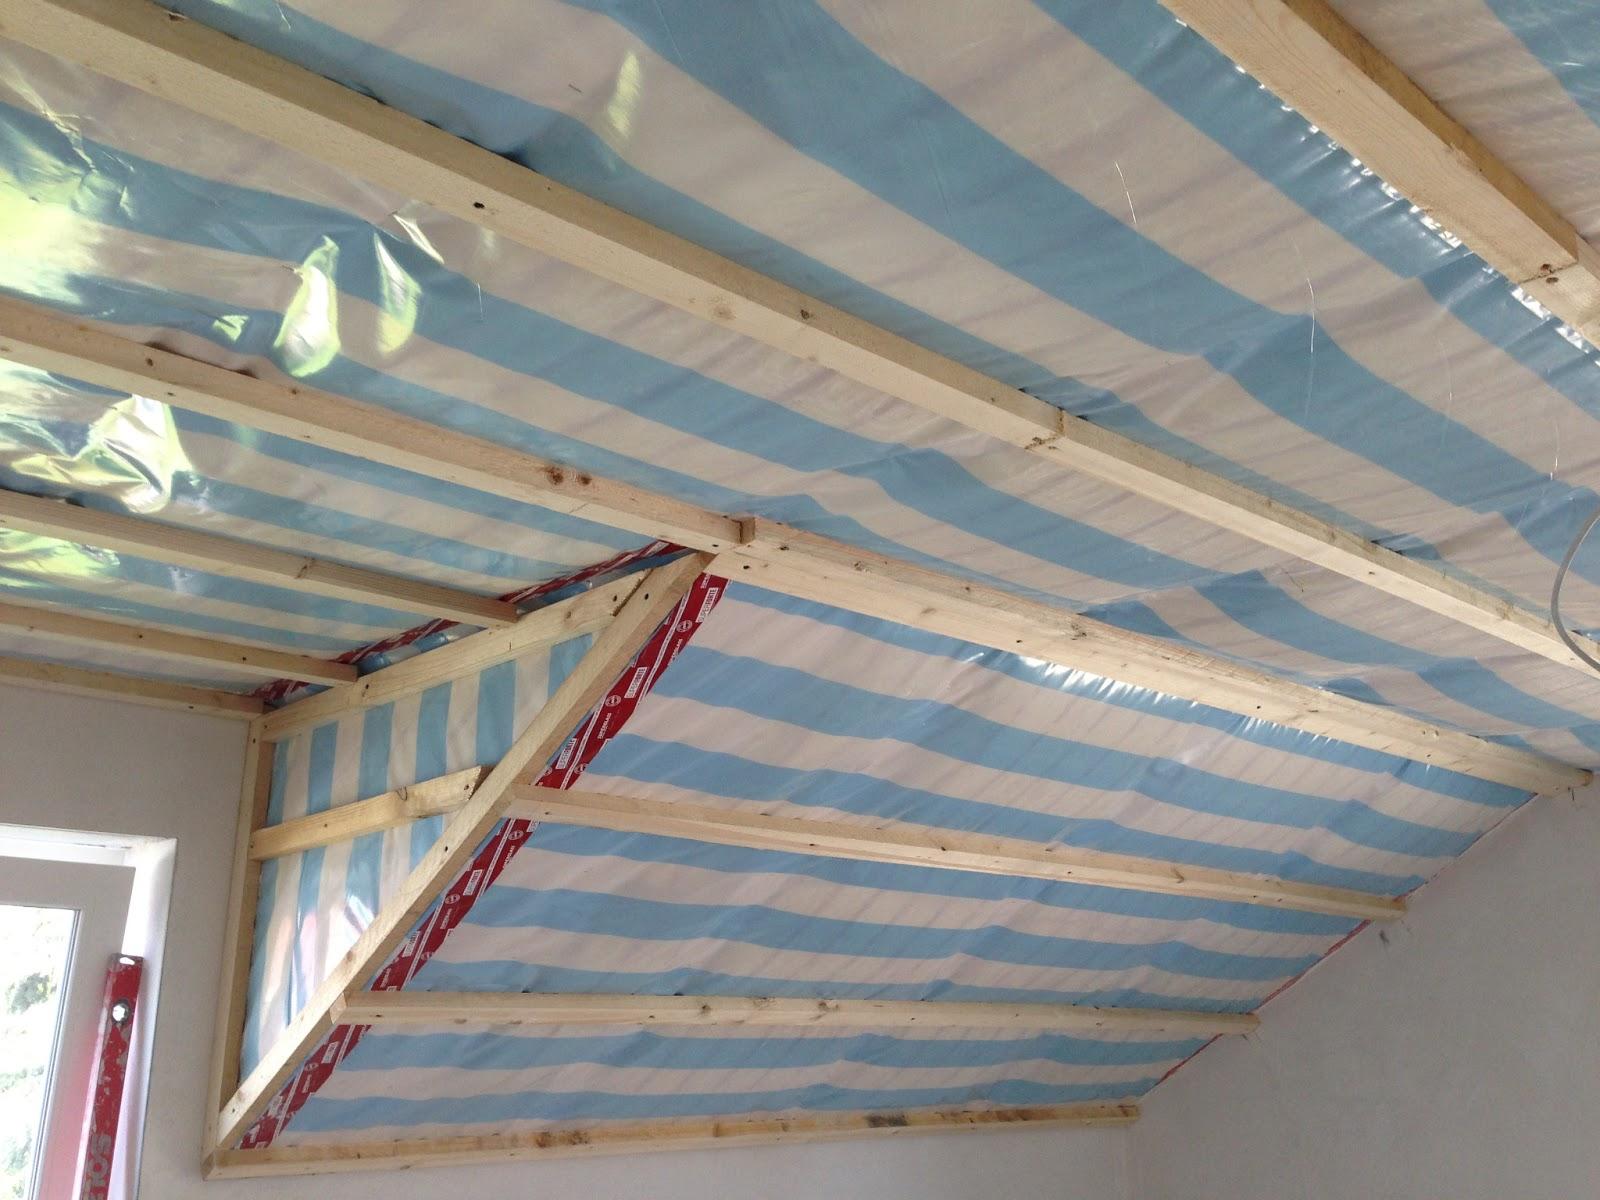 projekt f4 unterkonstruktion f r trockenbau und lieferung der rigipsplatten. Black Bedroom Furniture Sets. Home Design Ideas